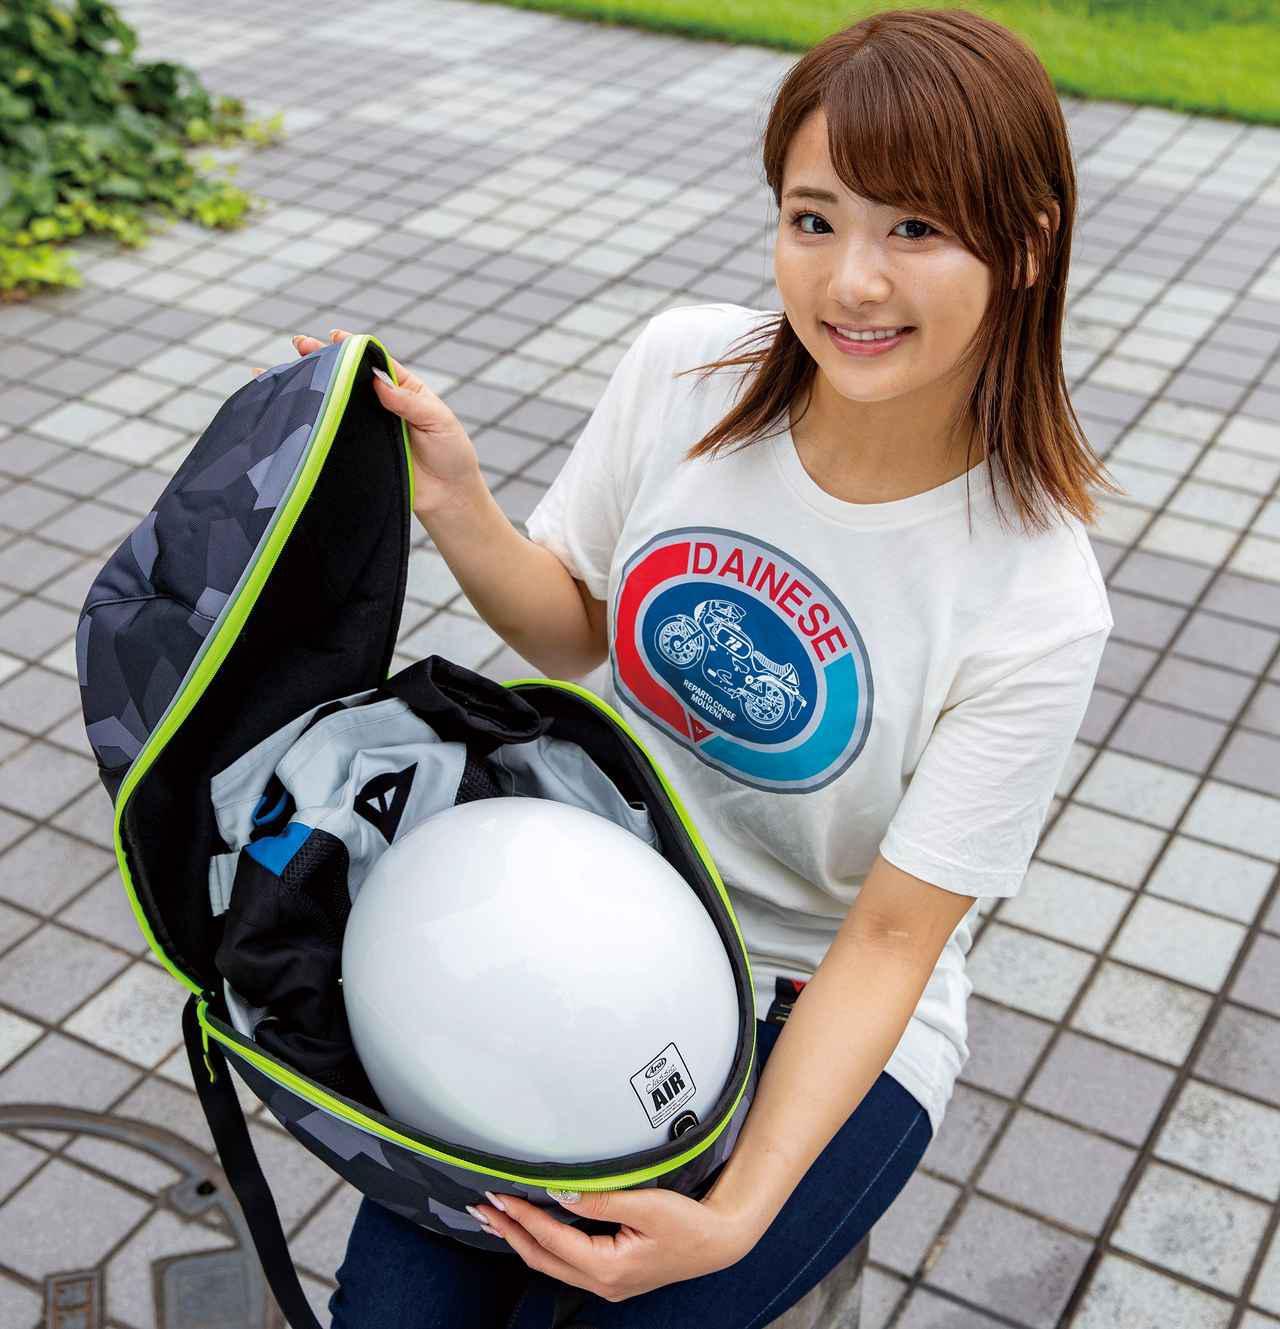 画像: 安くて便利なヘルメットが入るリュック! バグスター「ヘルメットバッグ」 - webオートバイ